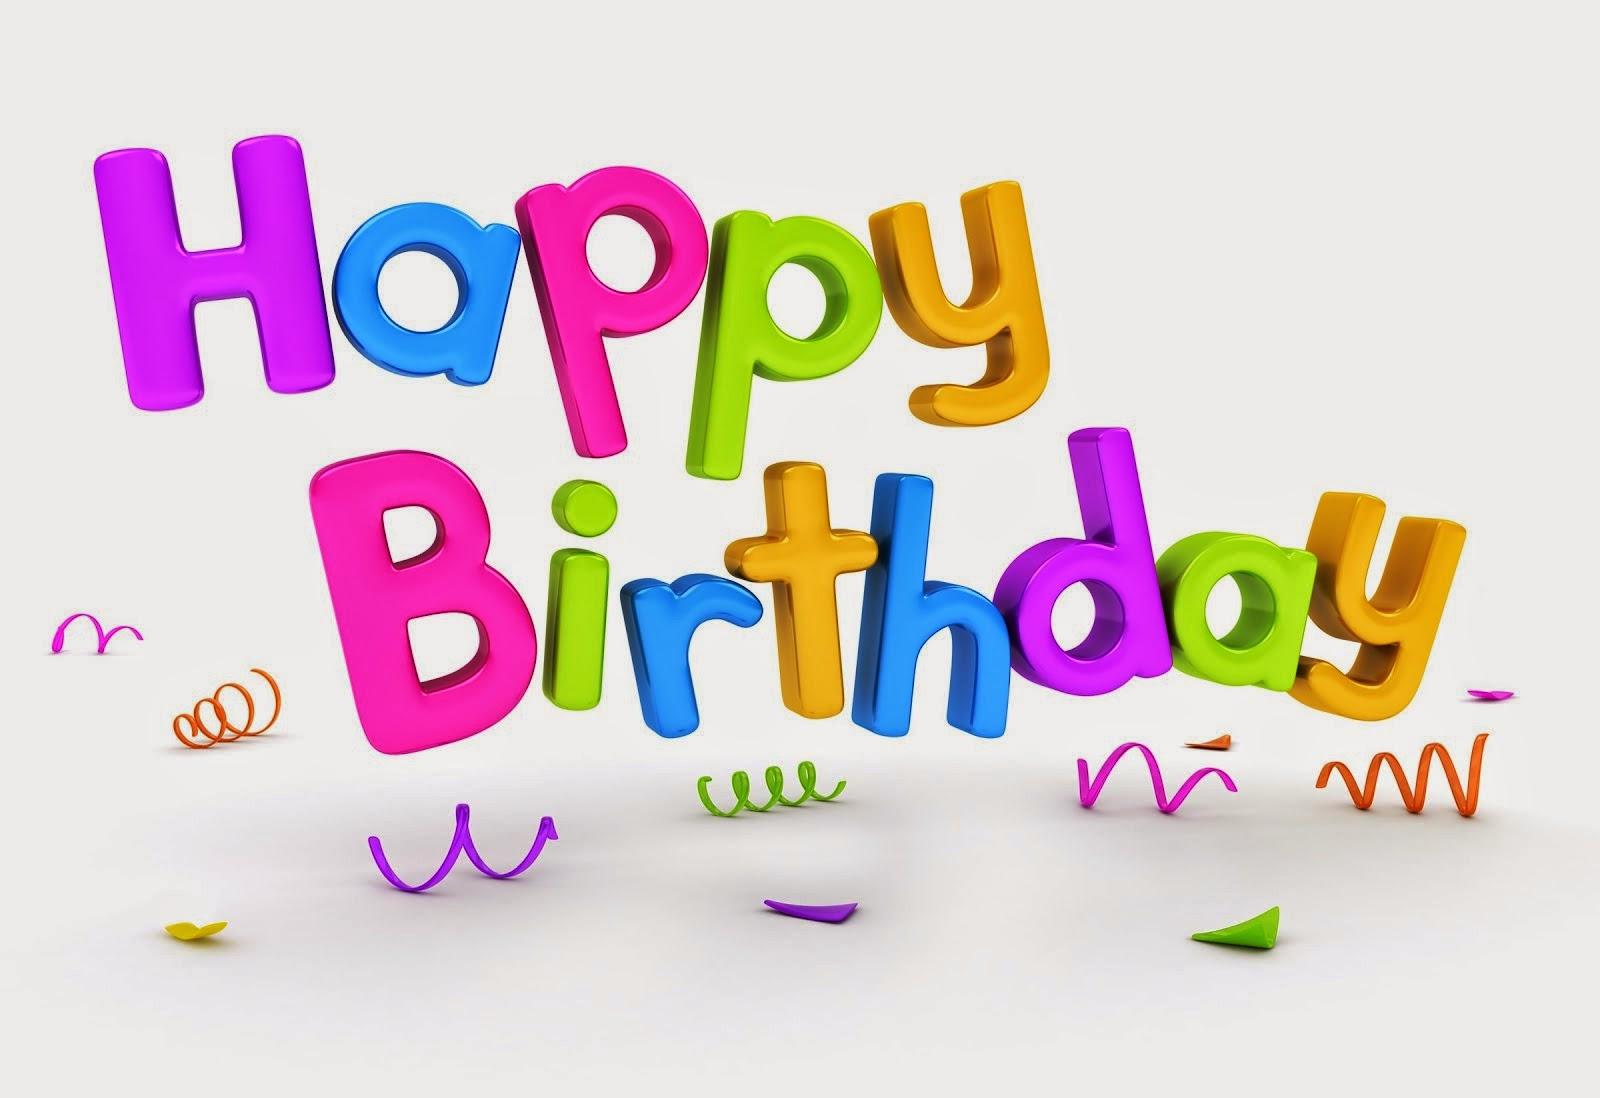 Ucapan Selamat Ulang Tahun Untuk Eyang Ucapan Selamat